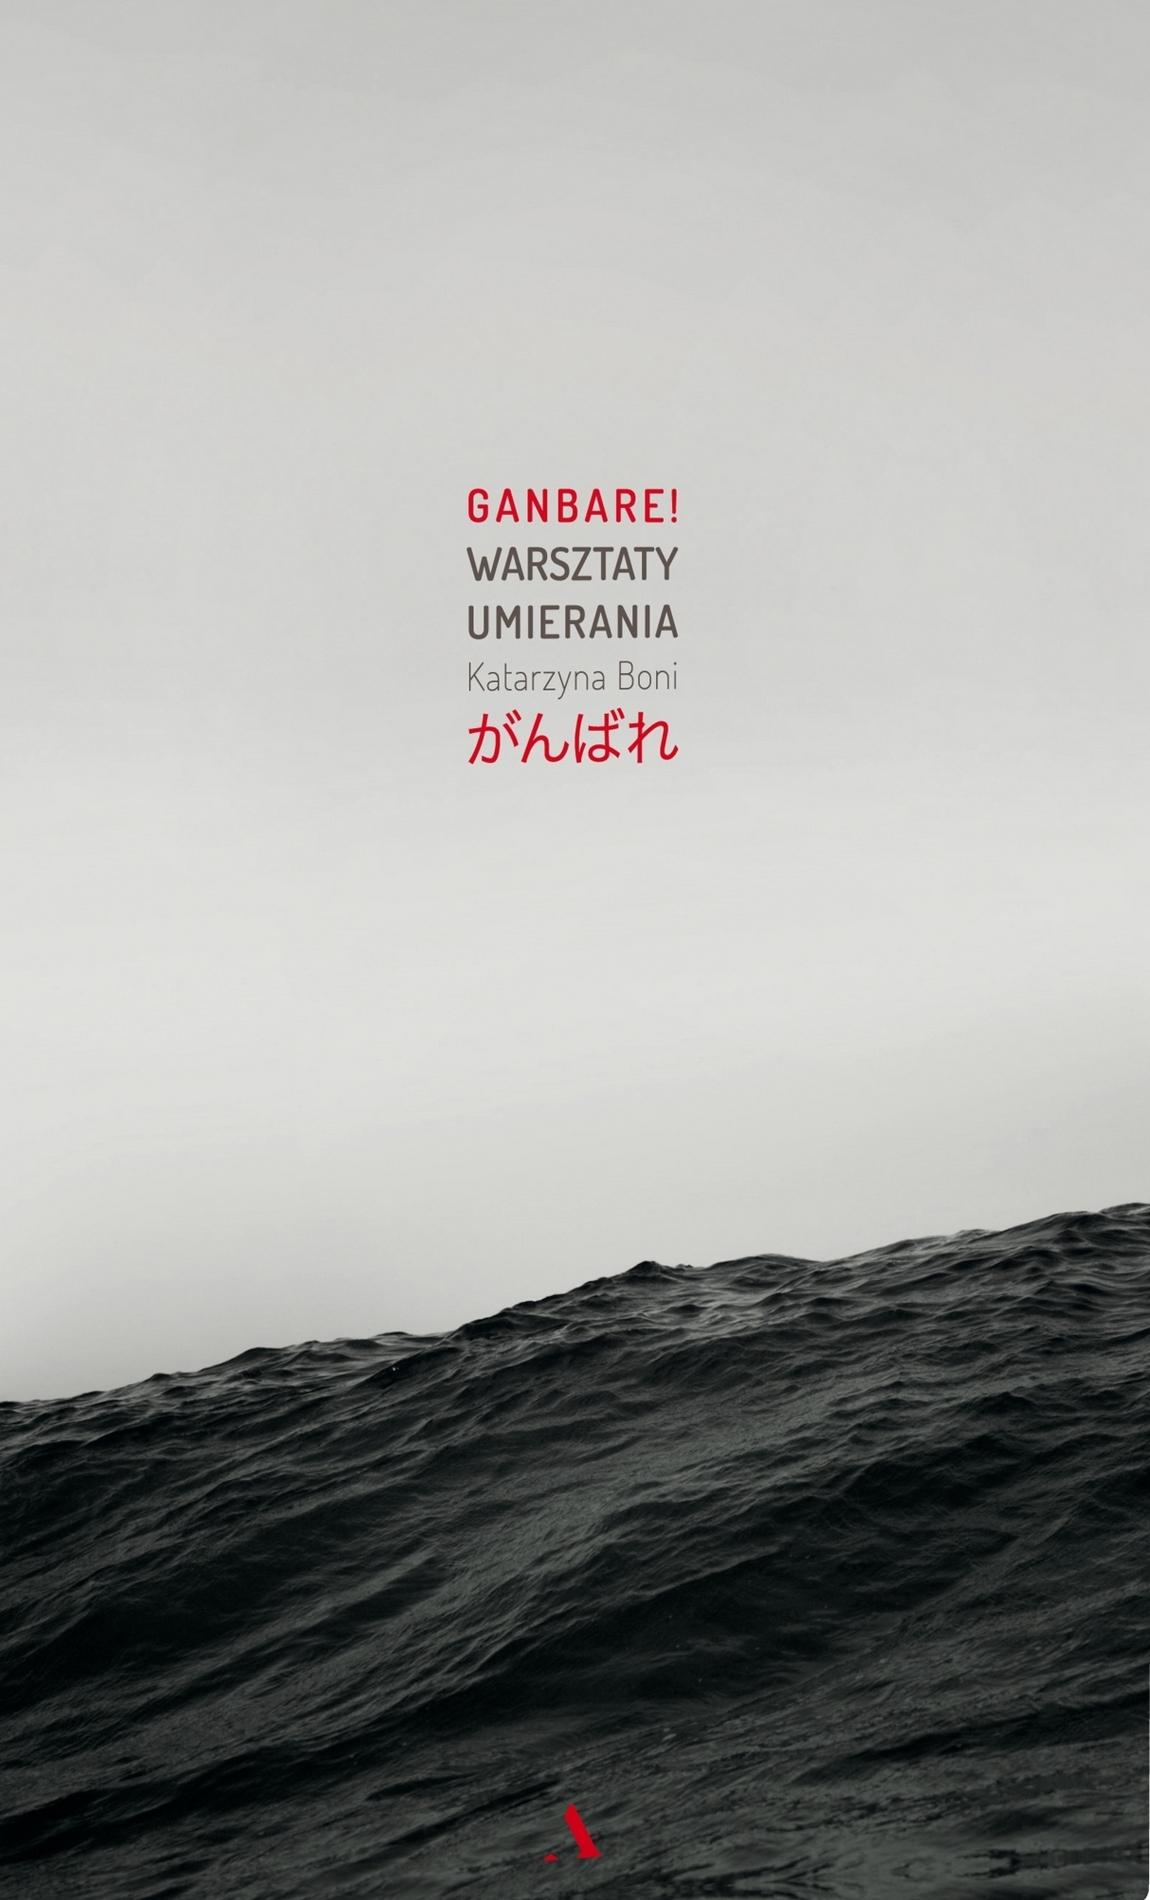 """Katarzyna Boni, """"Ganbare! Warsztaty umierania"""" – (źródło: materiały prasowe wydawcy)"""